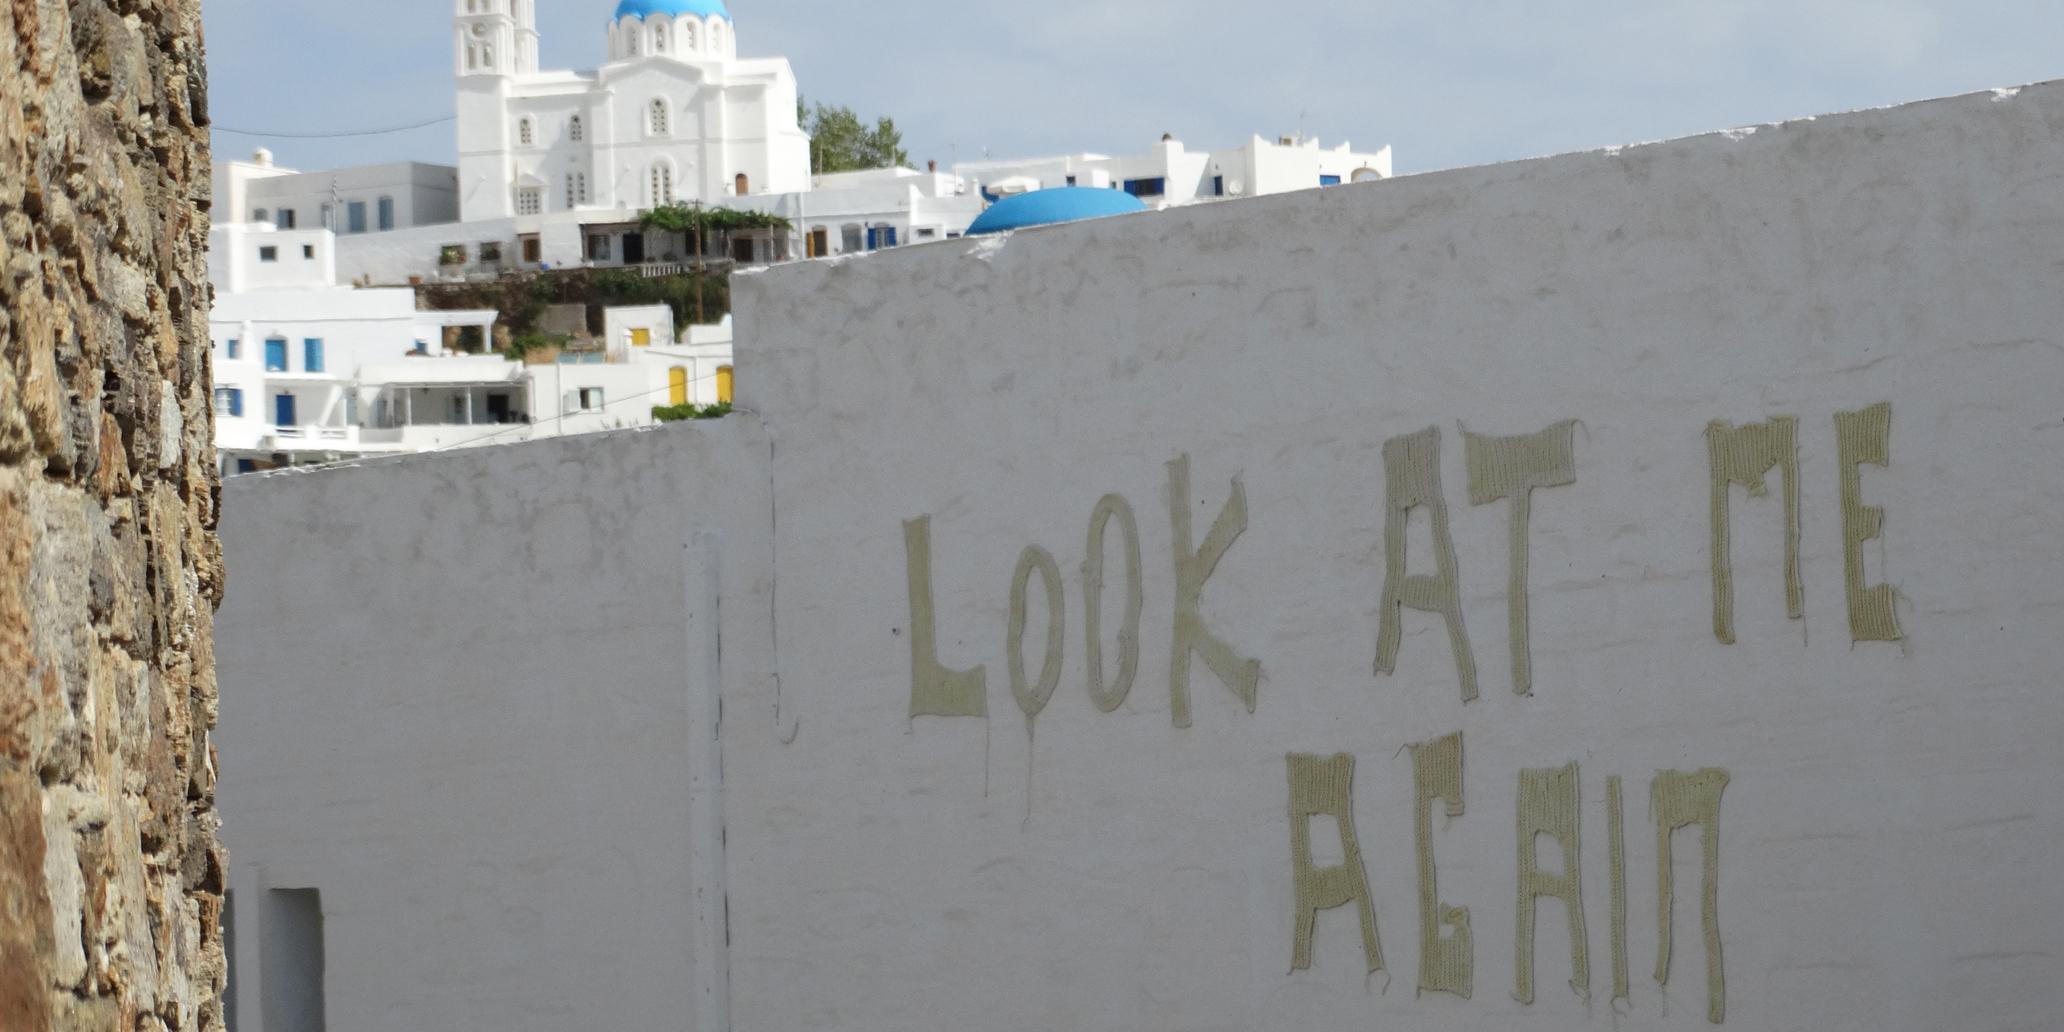 Look at me again